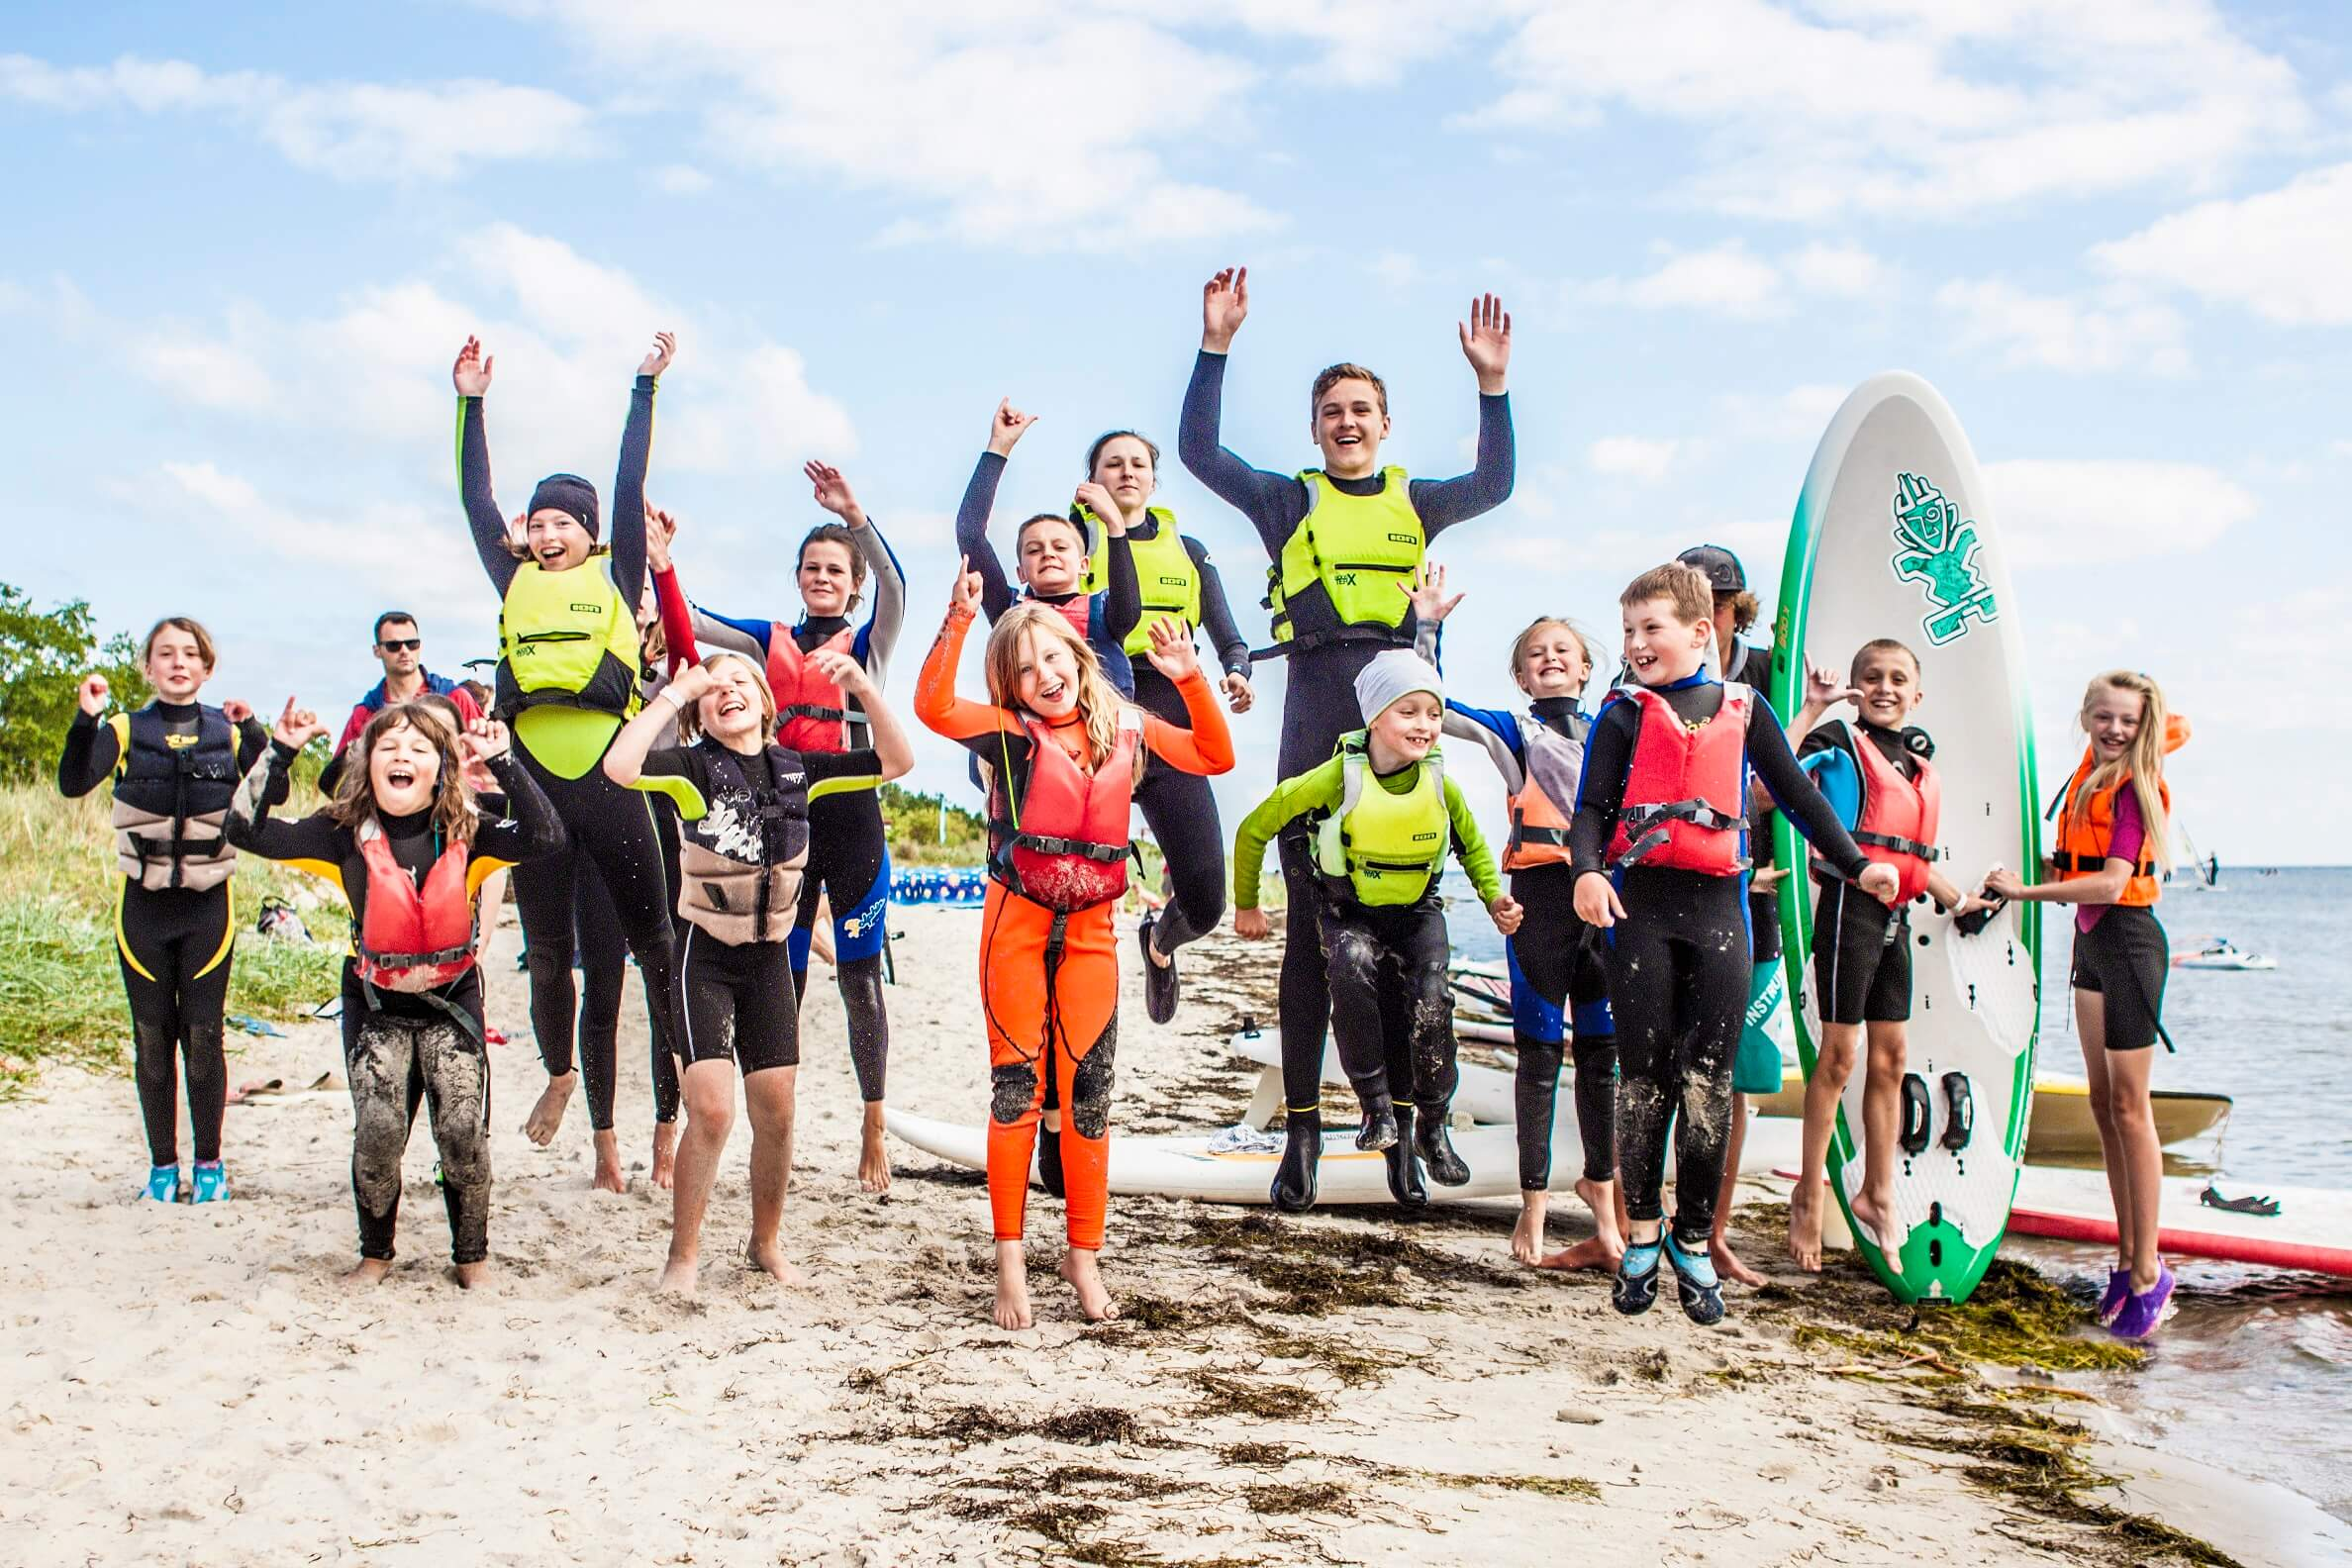 zdjęcie z uczestnikami obozu kitesurfingowego